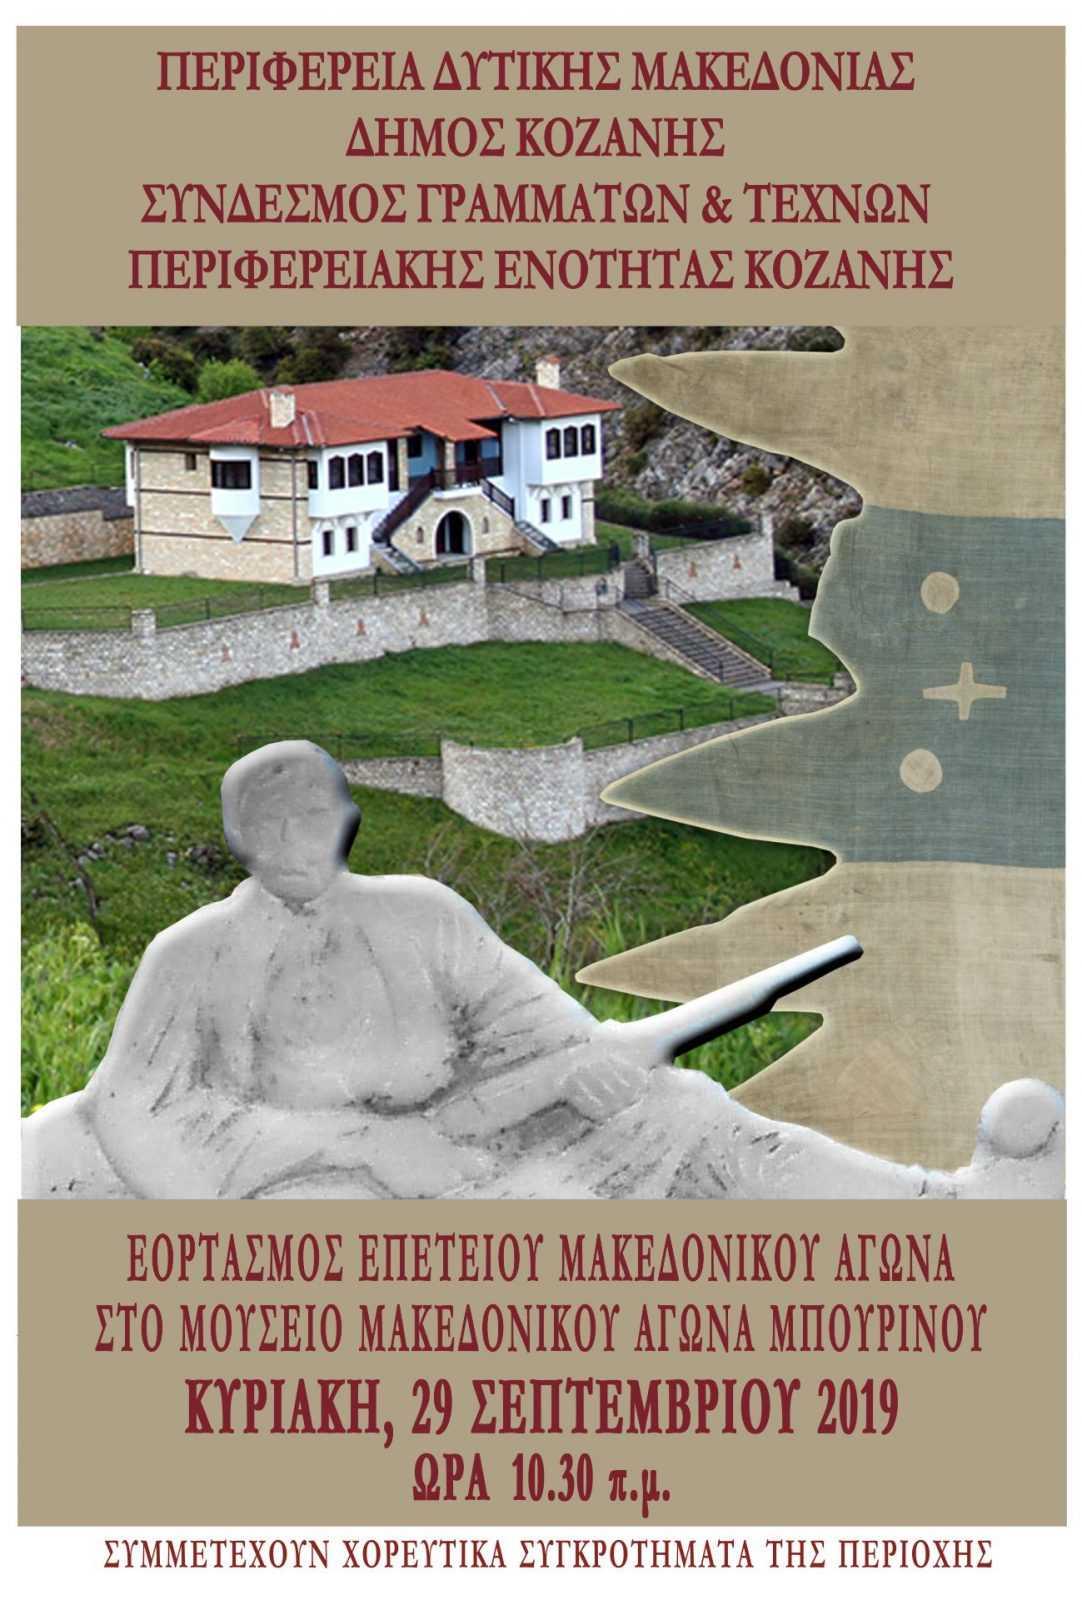 Το πρόγραμμα των εκδηλώσεων για τον Εορτασμό του Μακεδονικού Αγώνα στο Μουσείο Μακεδονικού Αγώνα στο όρος Μπούρινος